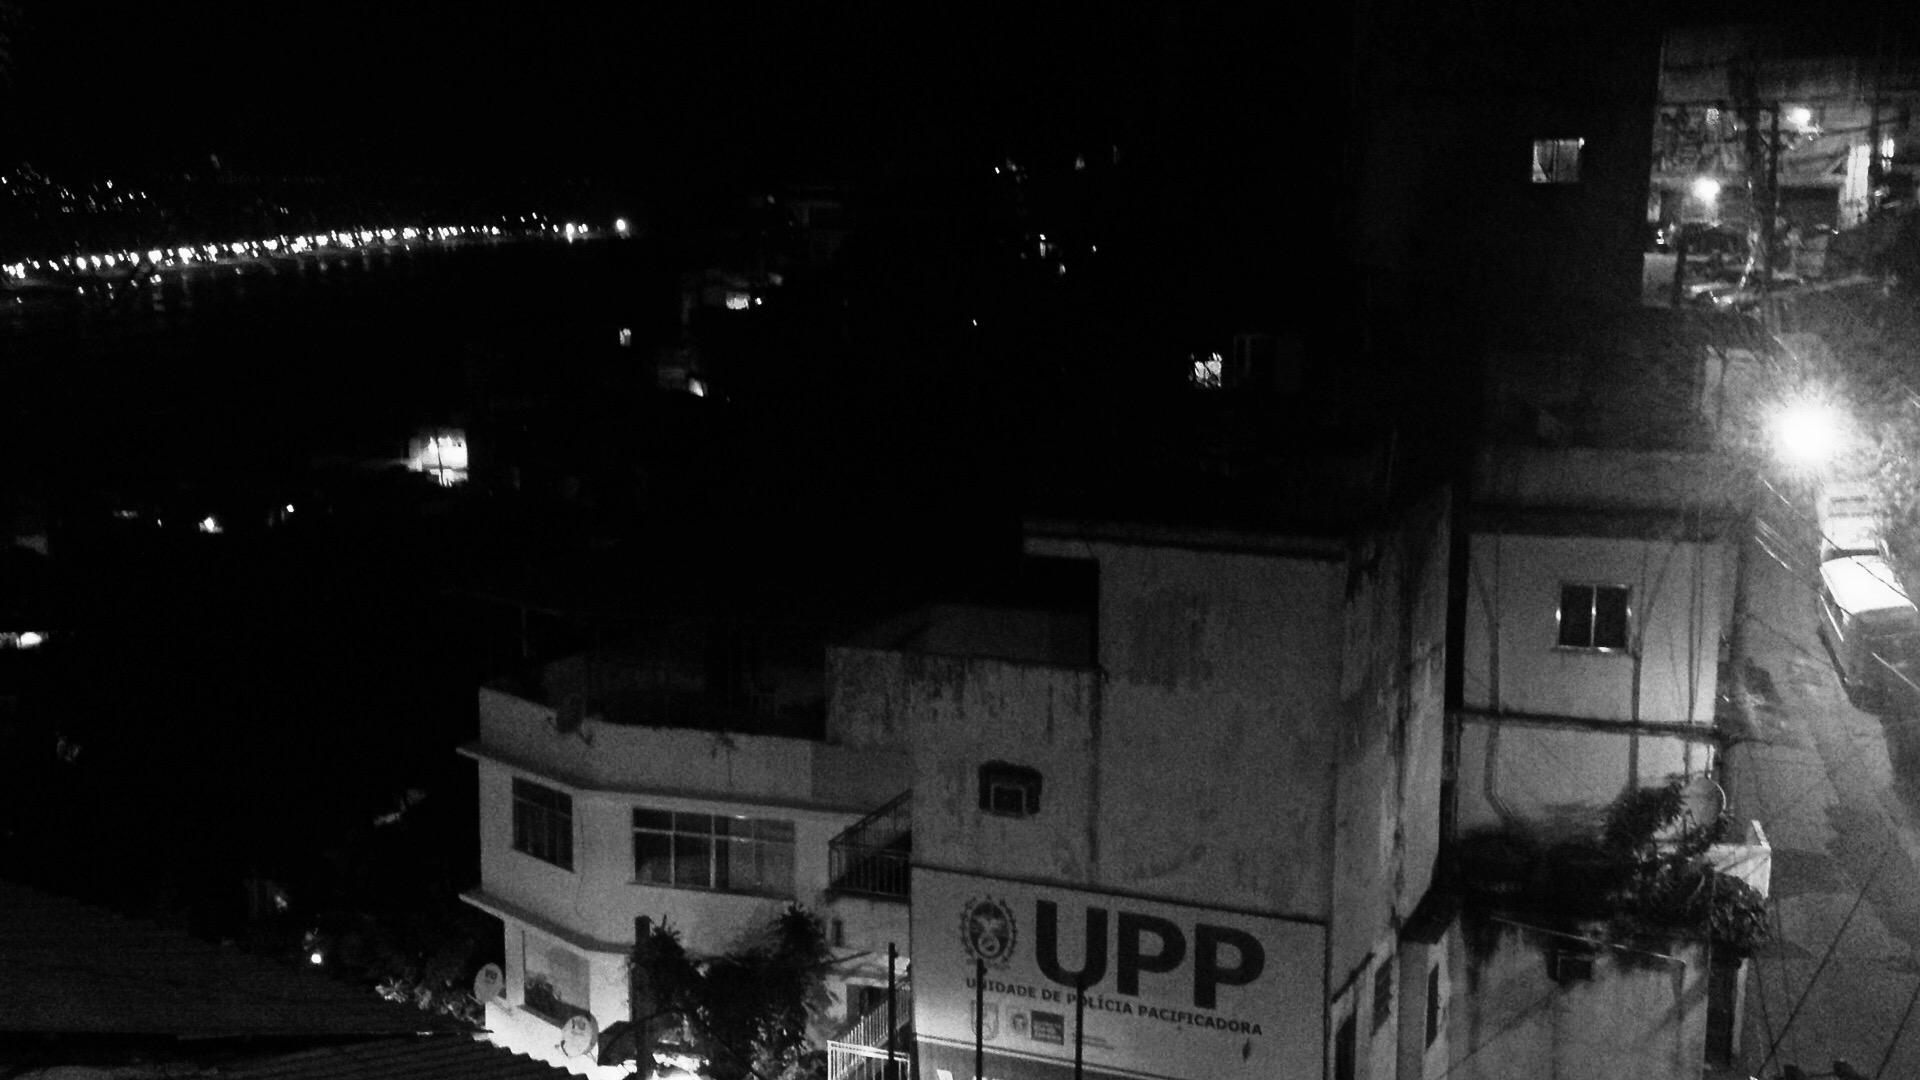 Era assim em 2008. O baile de favela virou festa na favela – #Opinião